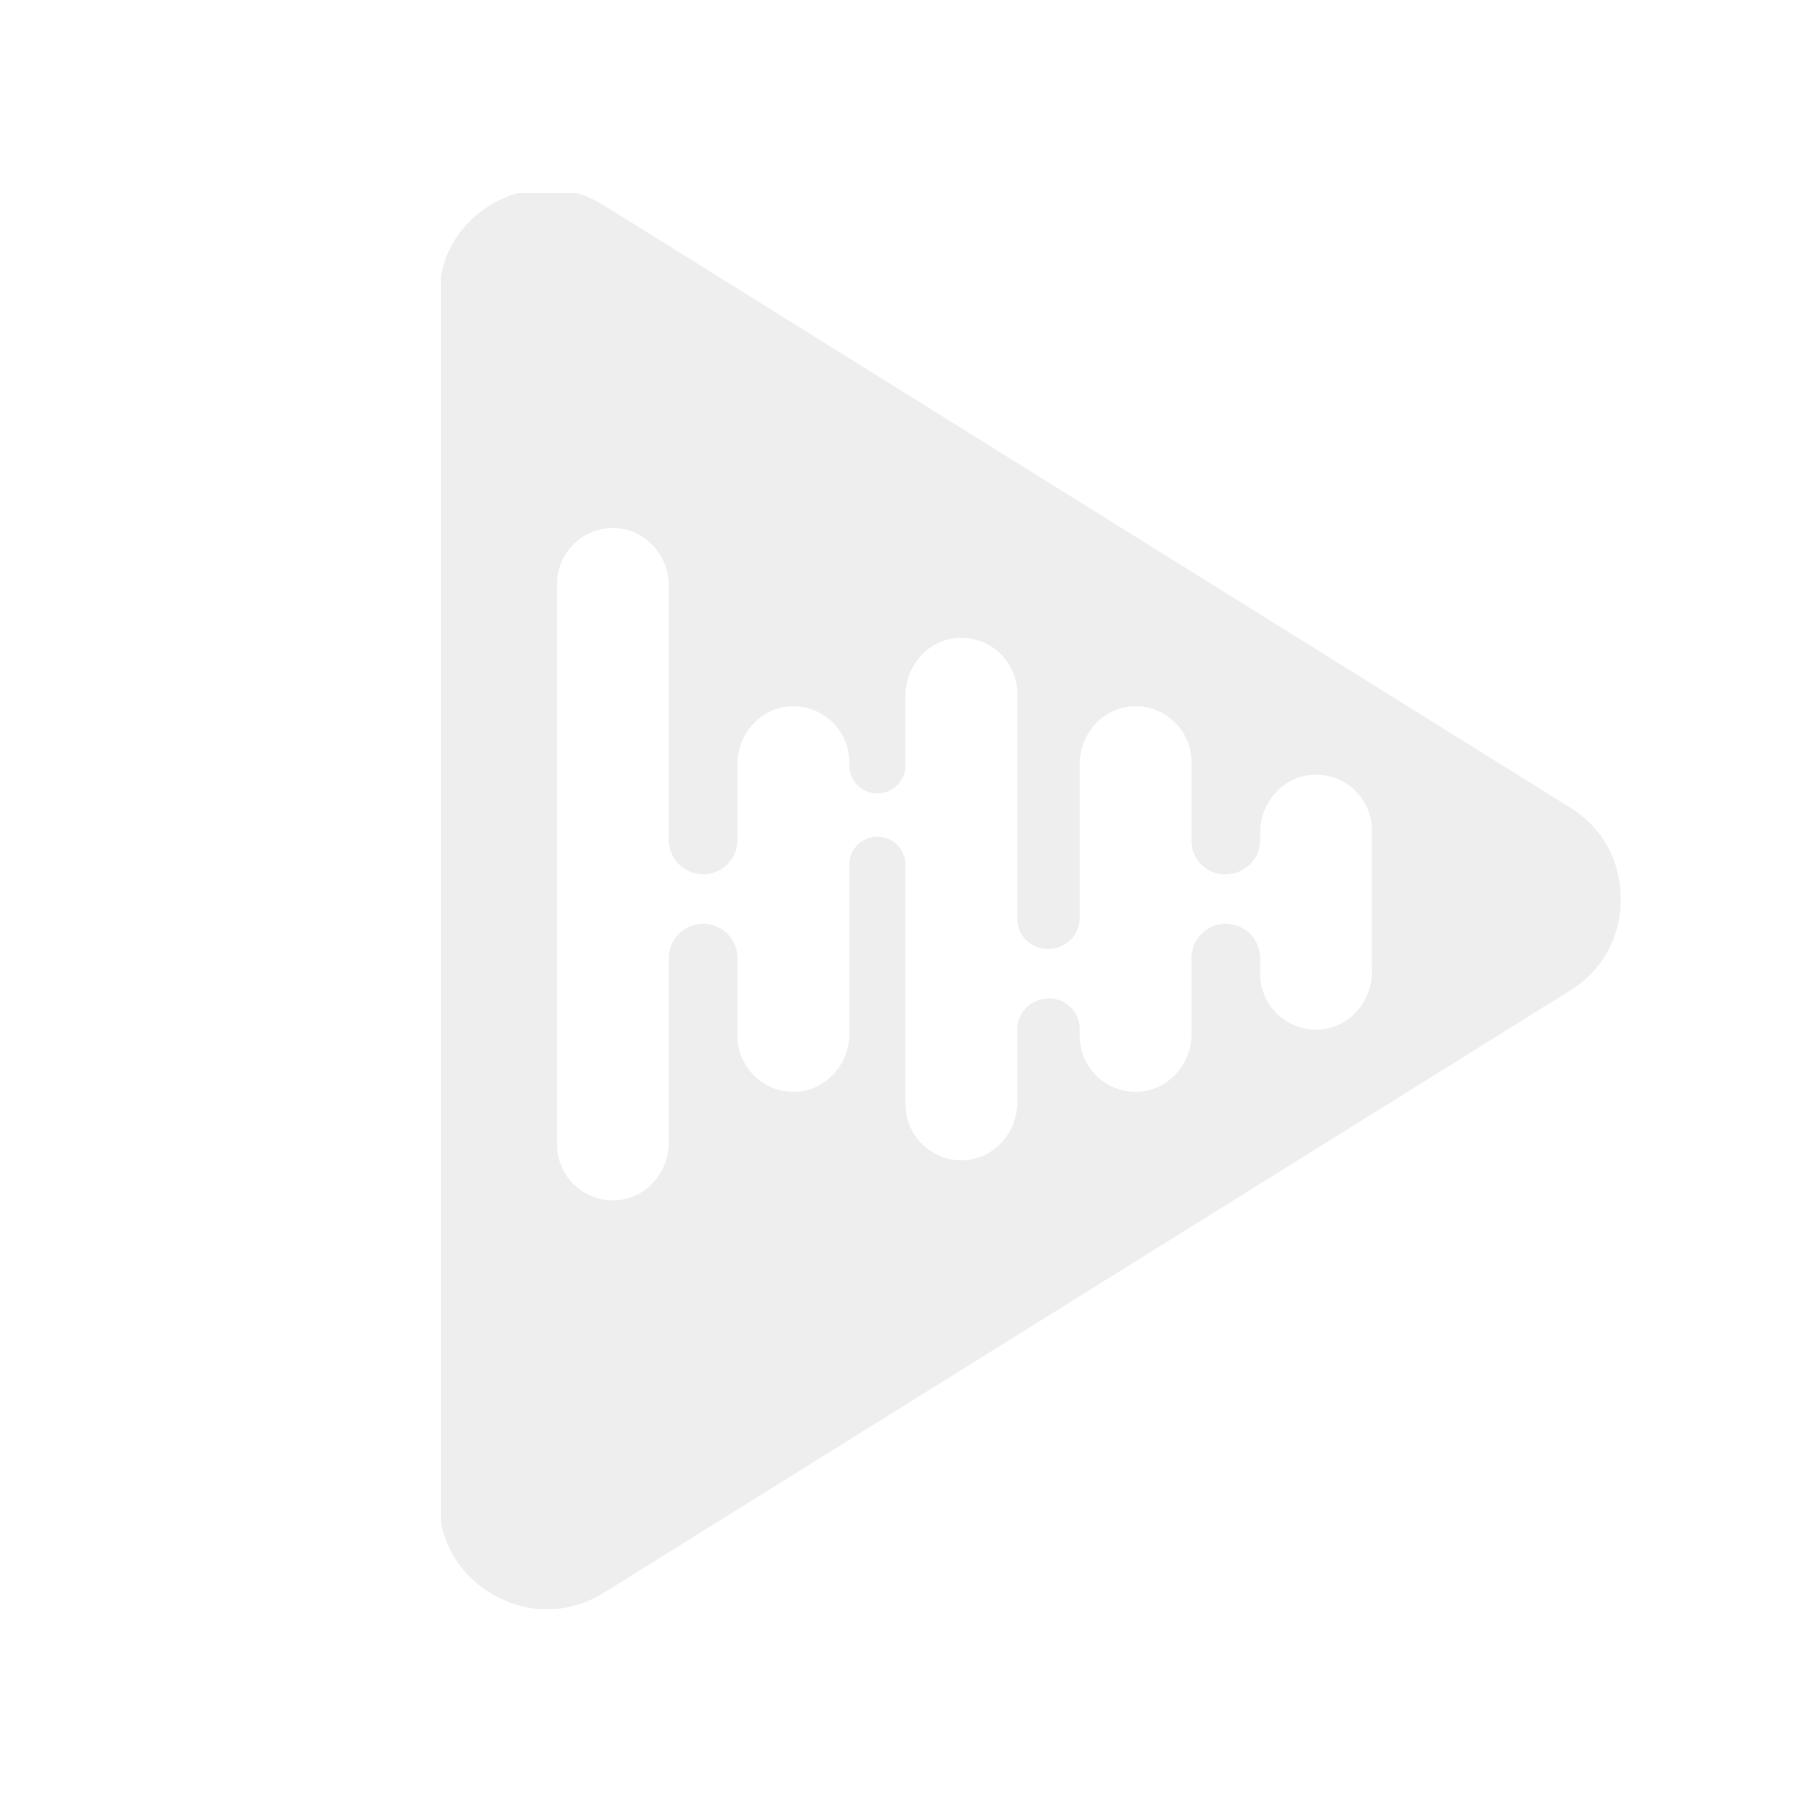 Grandview 148793 - Motor lerret Cyber, 92